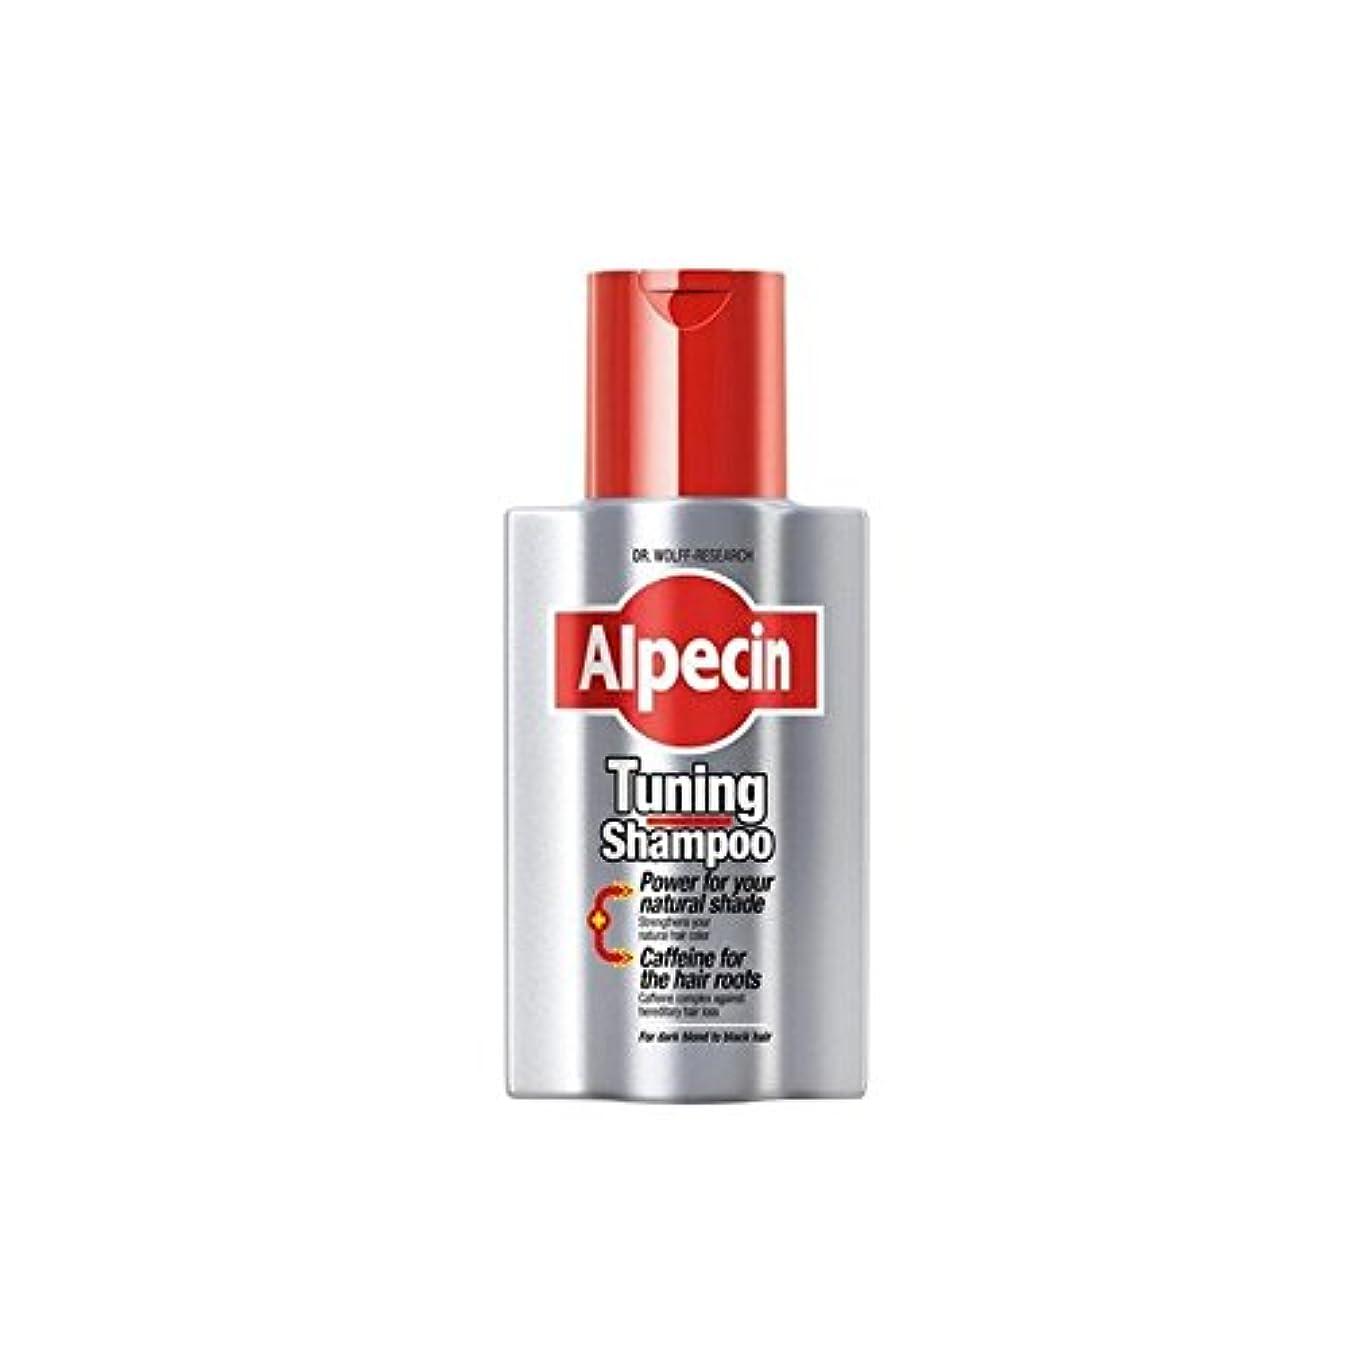 セール地理レンダーAlpecin Tuning Shampoo (200ml) - チューニングシャンプー(200ミリリットル) [並行輸入品]